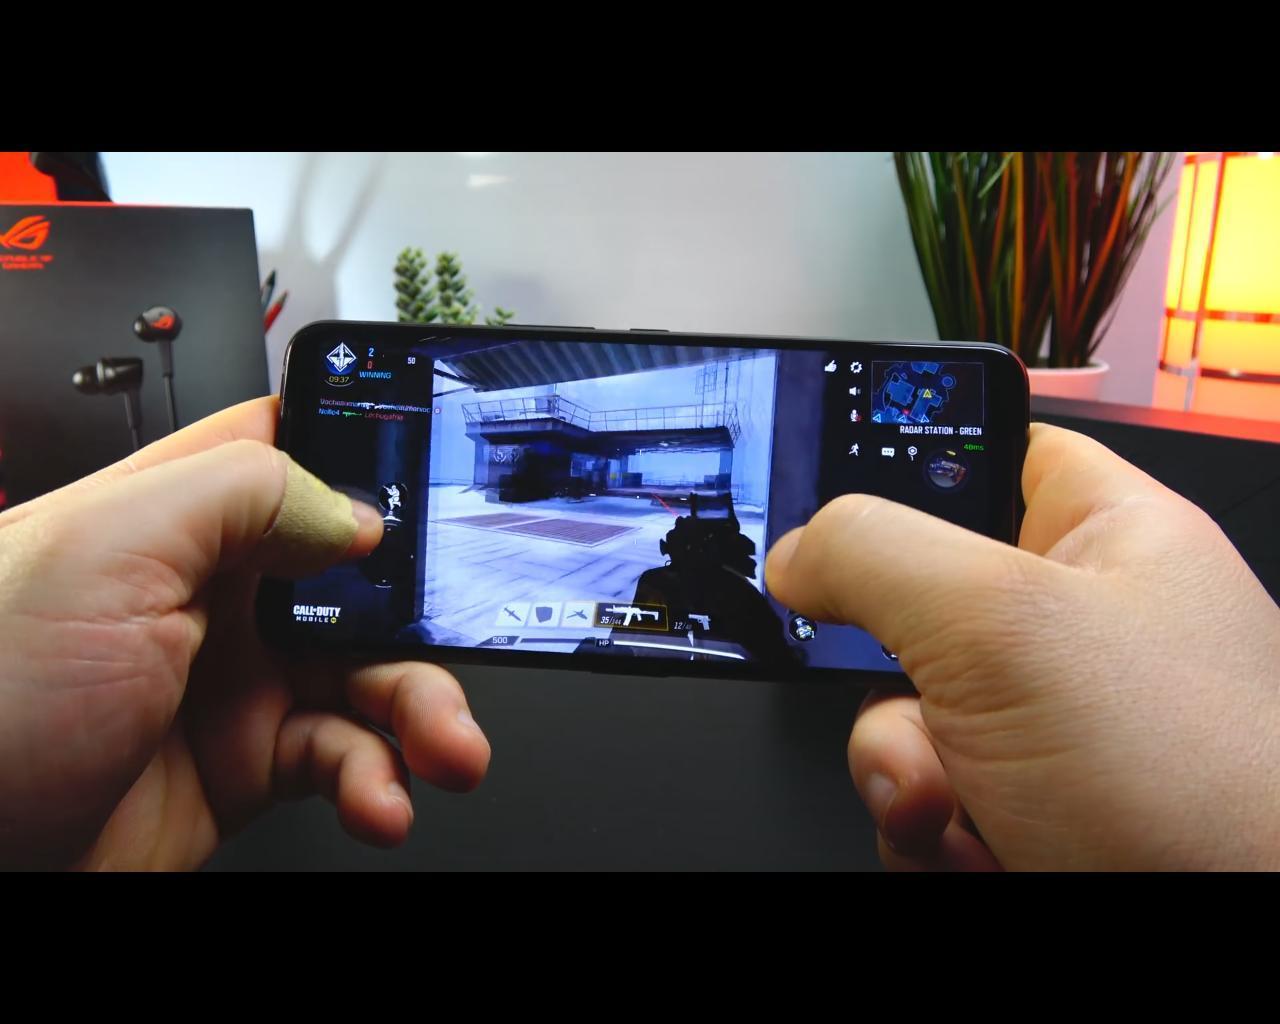 ندای وظیفه:موبایل روی ایسوس راگ فون 2